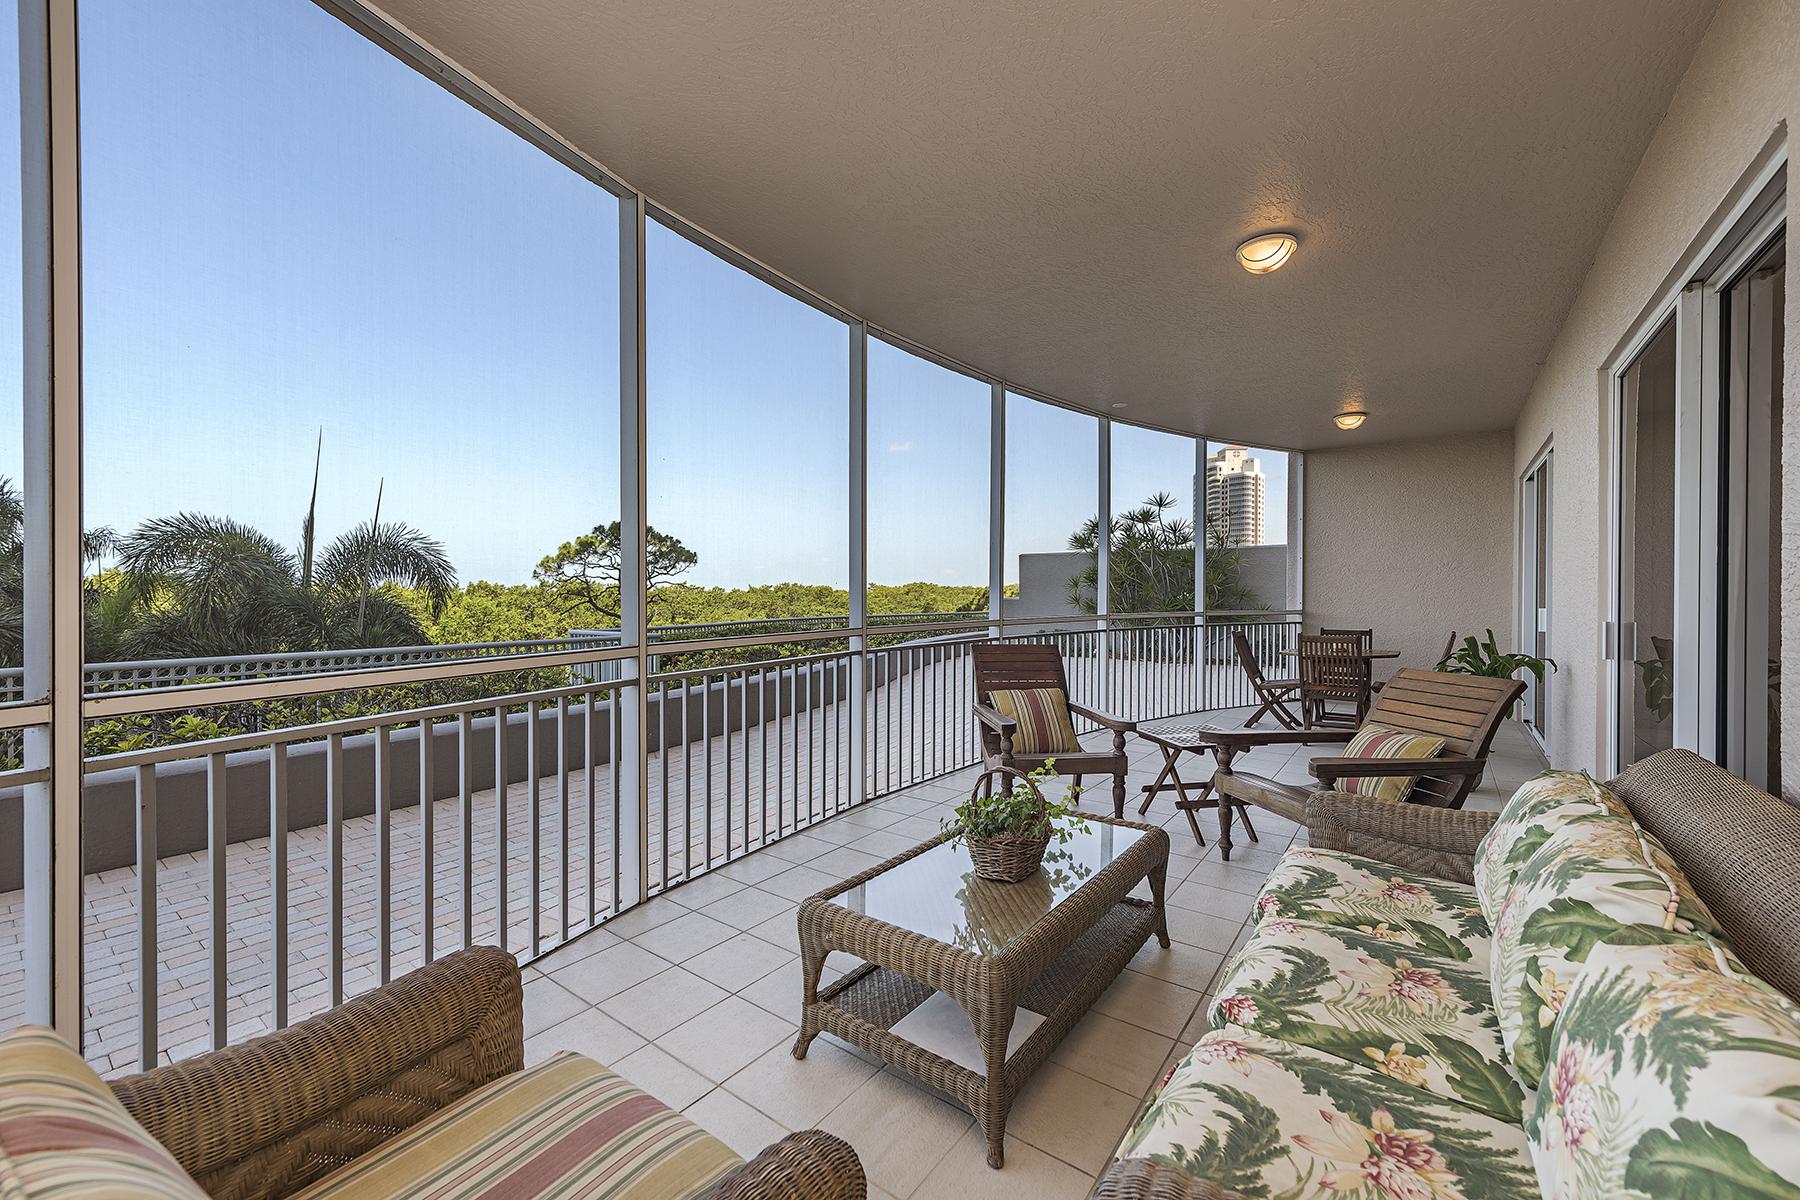 콘도미니엄 용 매매 에 HORIZONES AT BONITA BAY 4731 Bonita Bay Blvd 302 Bonita Springs, 플로리다 34134 미국